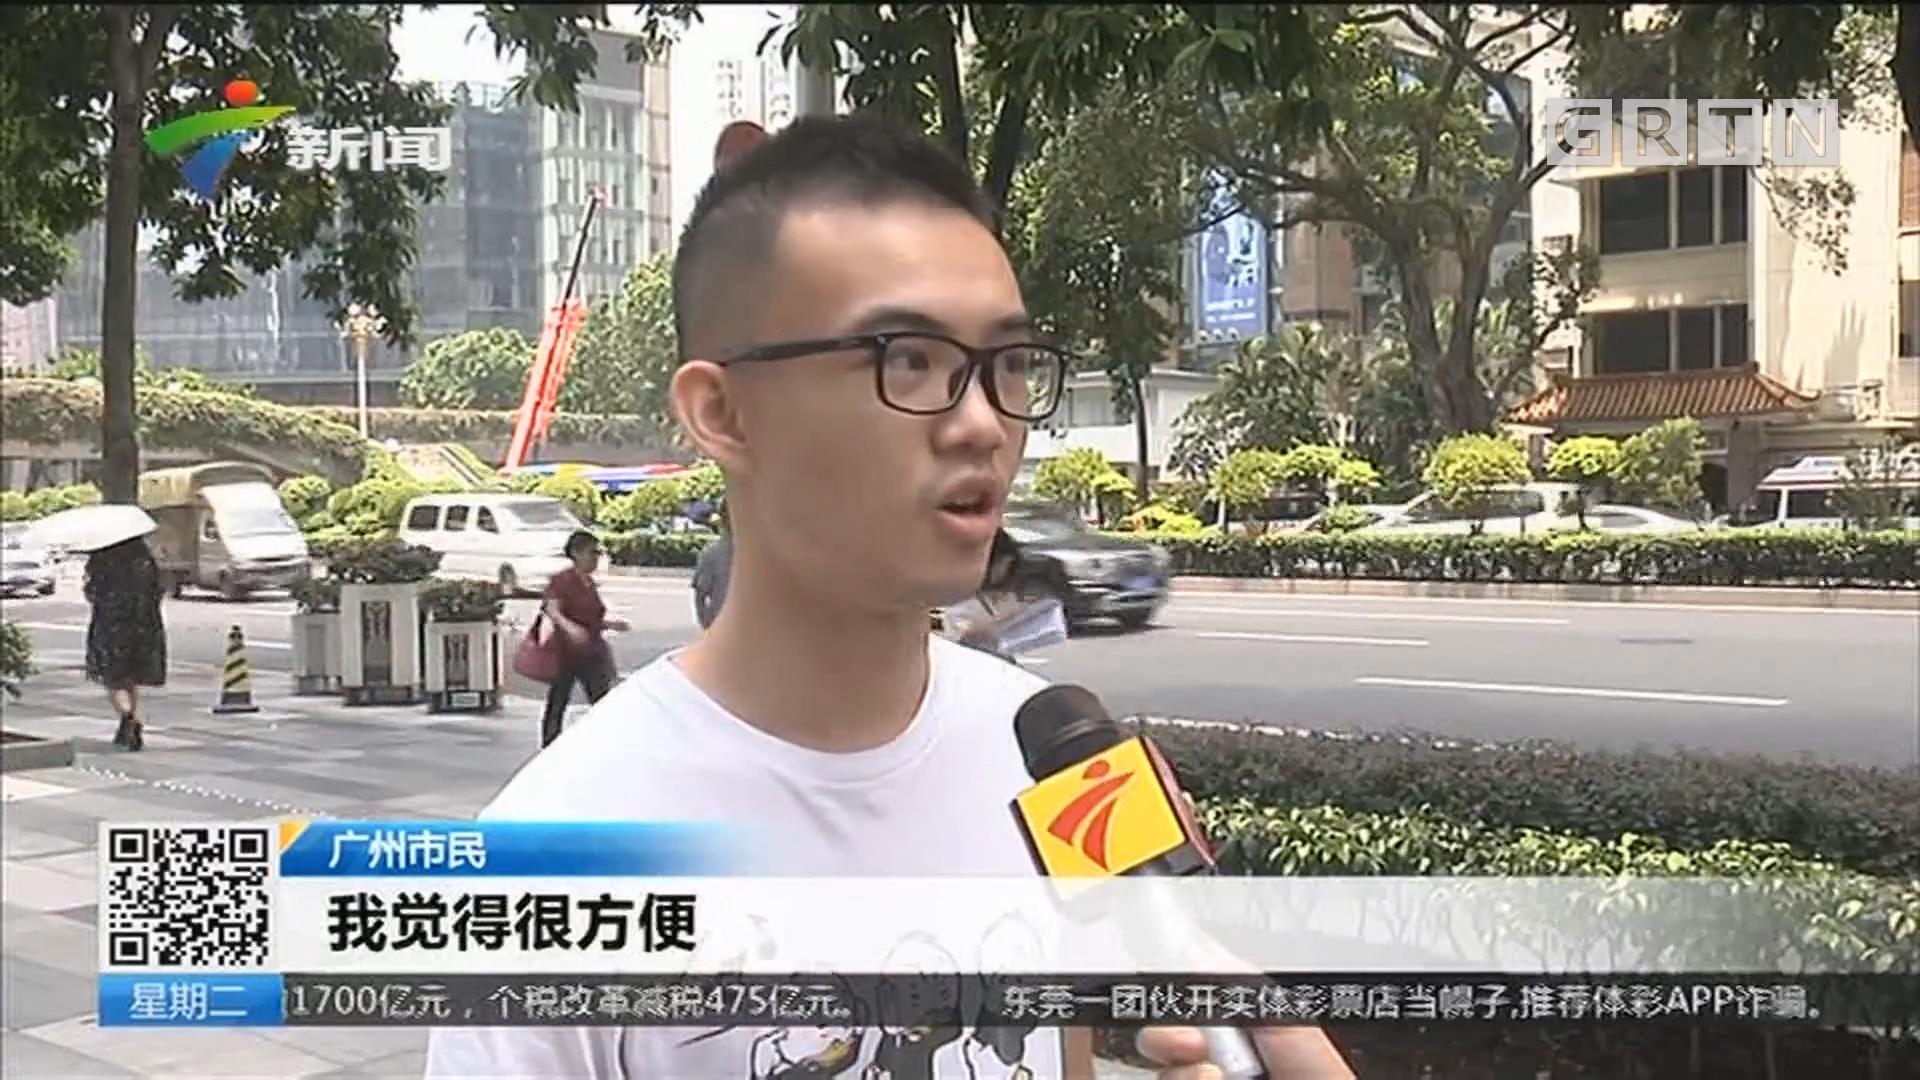 电子结婚证:广东人也可以领取电子结婚证